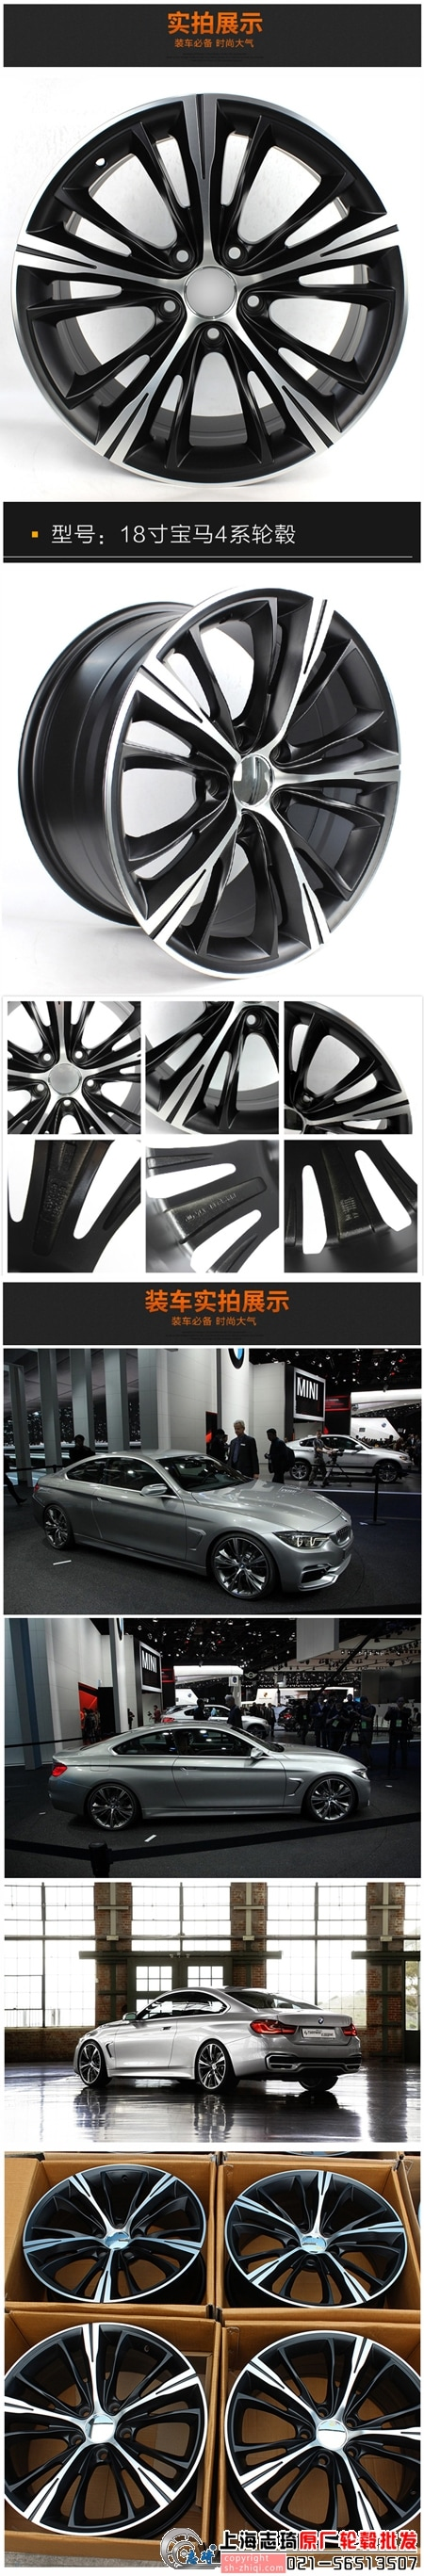 宝马3系改装轮毂18寸5系19寸改装圈7系20寸原装款汽车钢圈适合397|4系m5|530